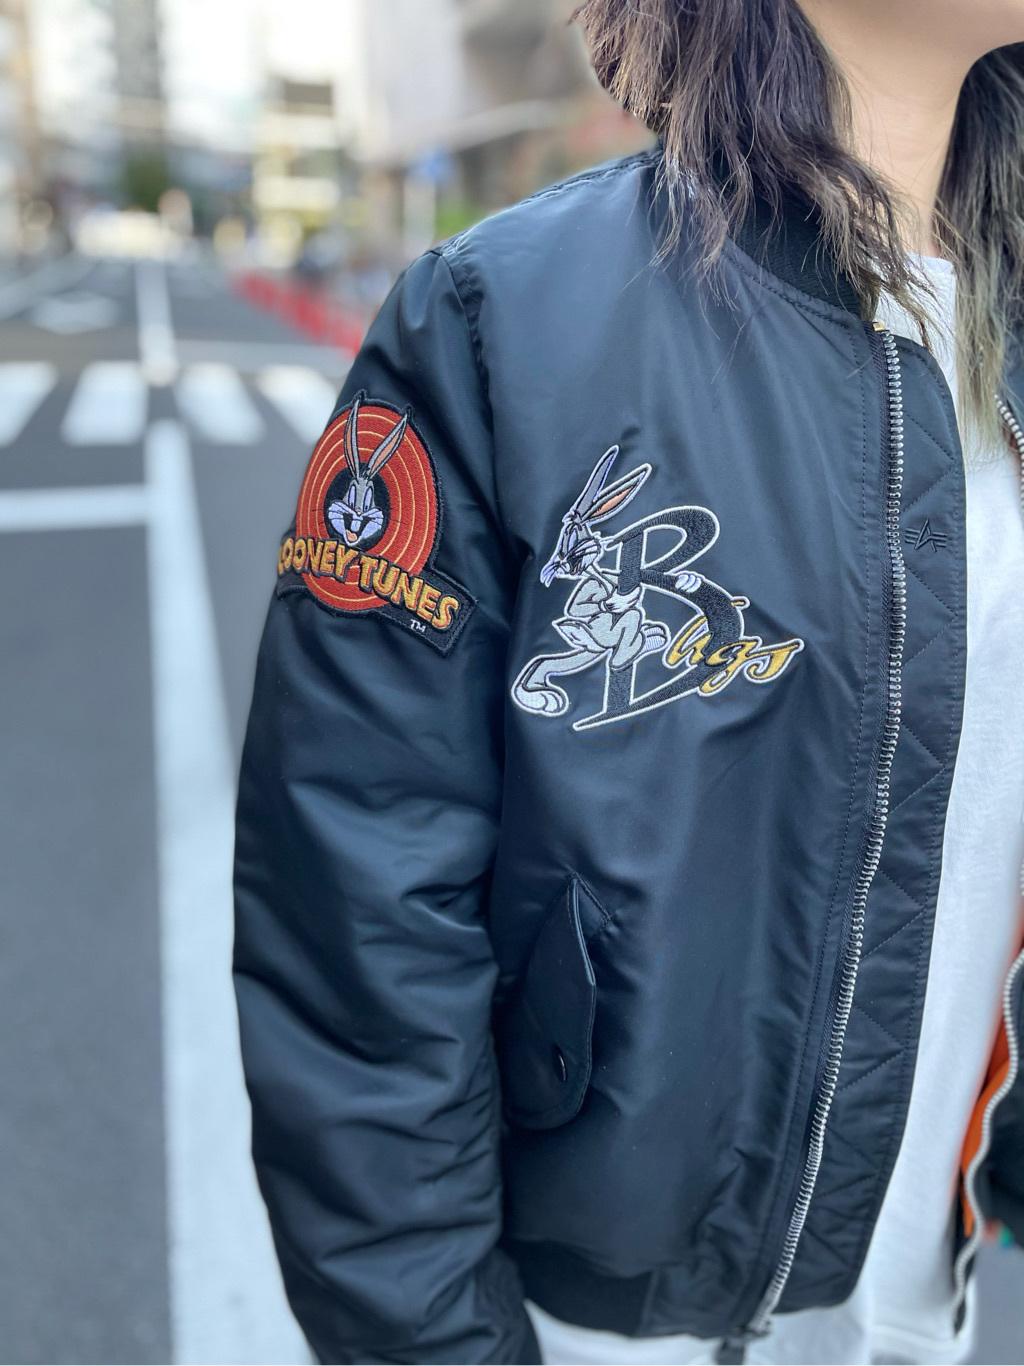 ALPHA SHOP渋谷店のmoe さんのALPHAのLOONEY TUNES L-2Bタイトジャケットを使ったコーディネート